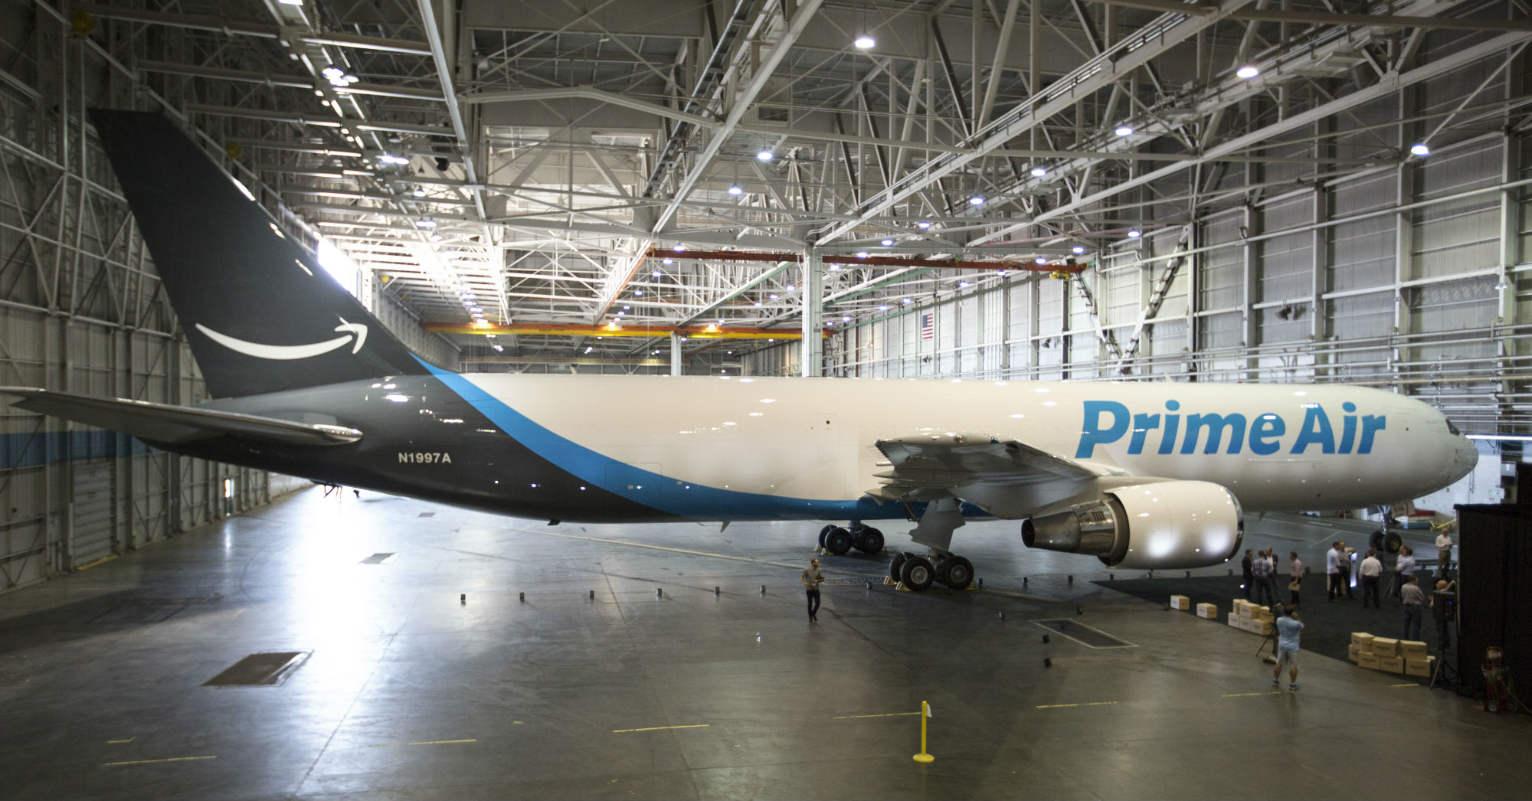 Amazon announces air hub plan